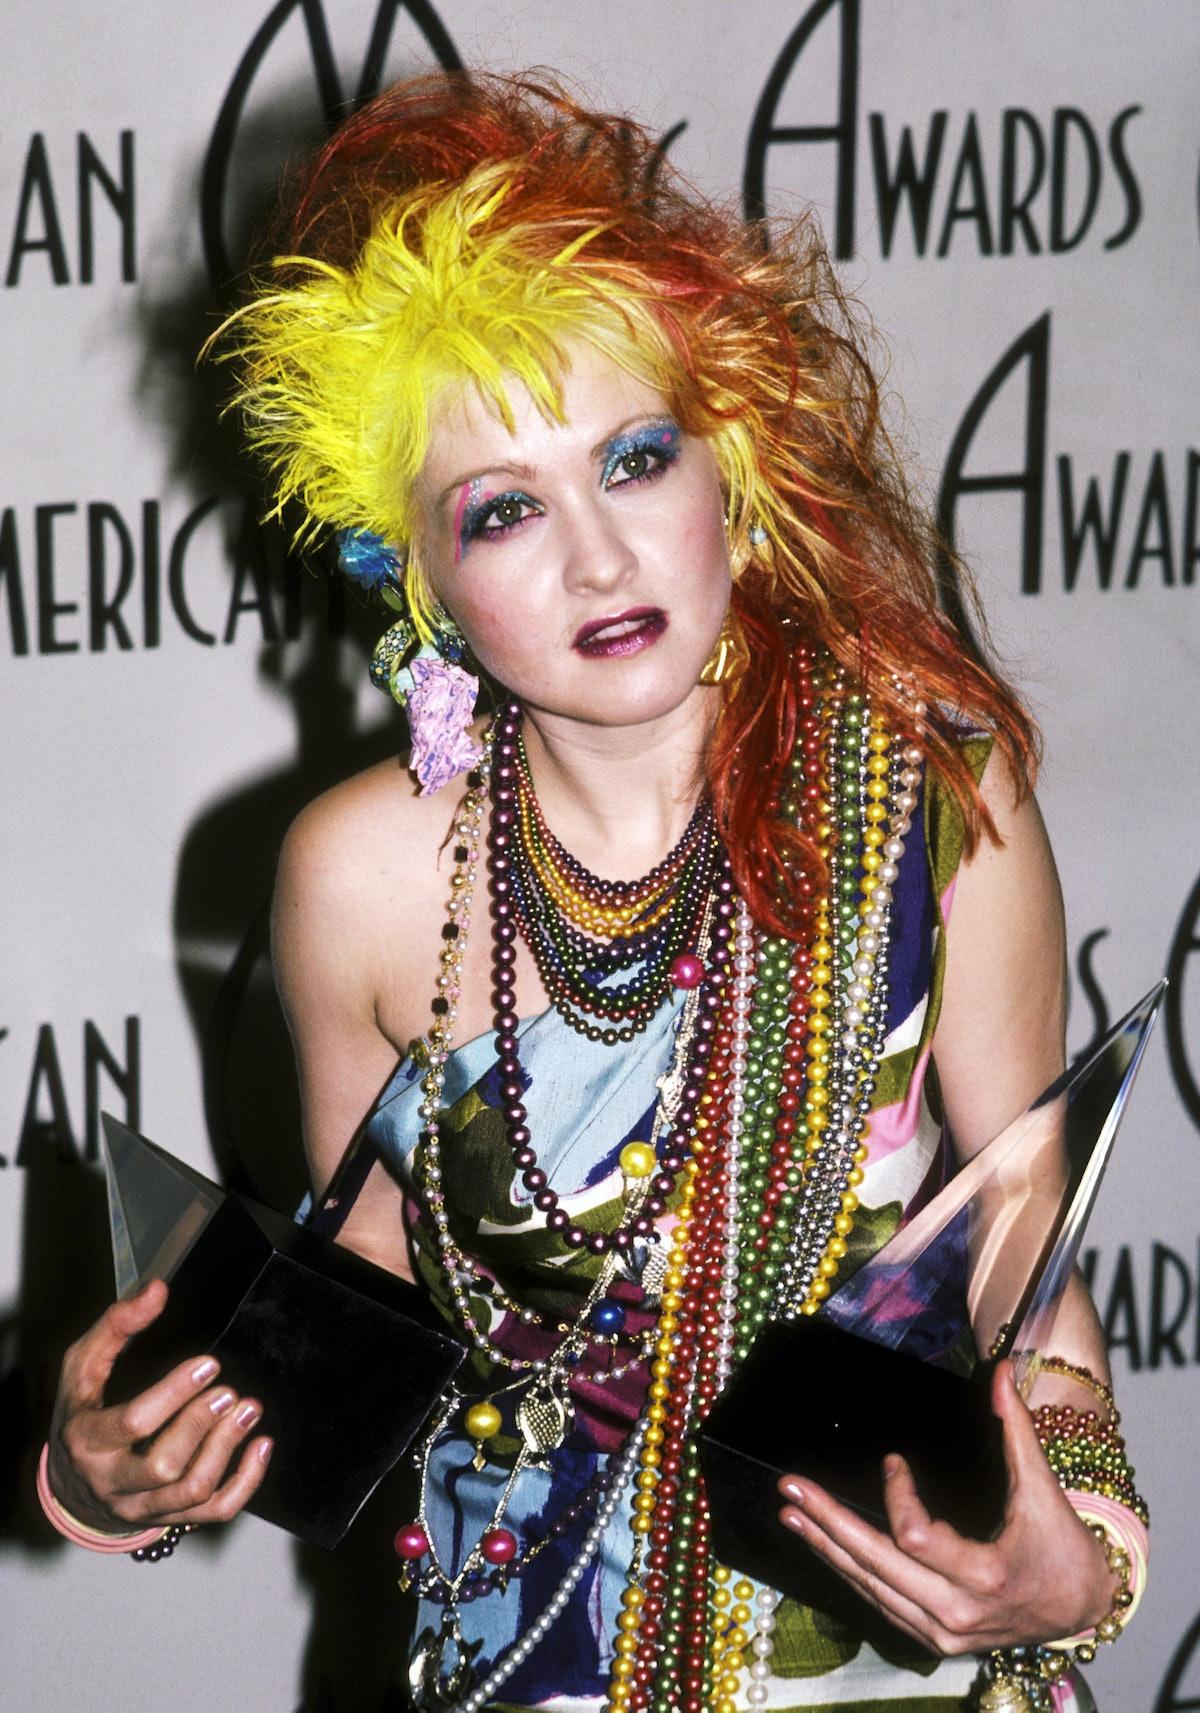 1985: Cyndi Lauper